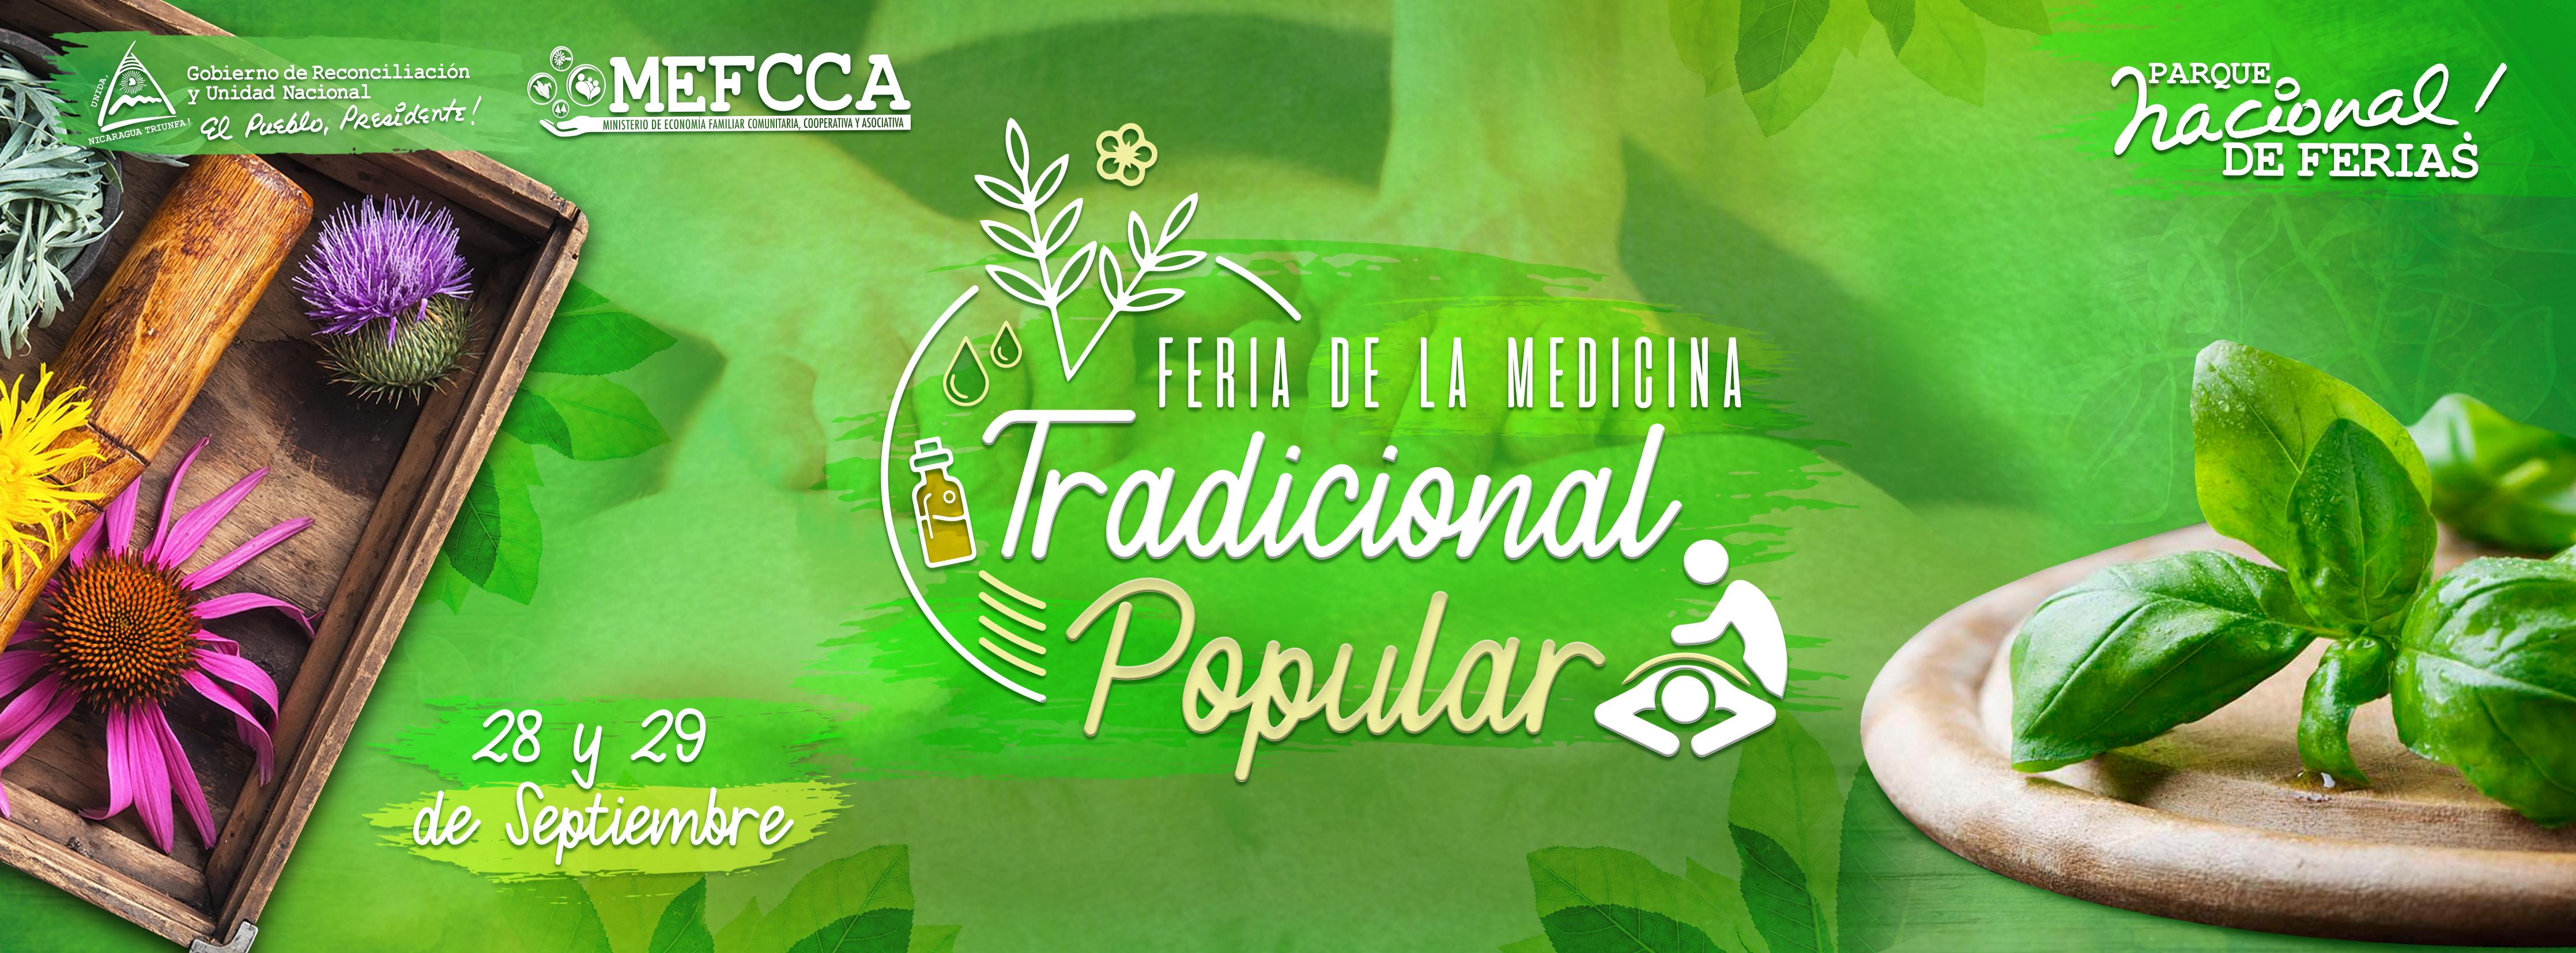 Feria de la Medicina Tradicional Popular